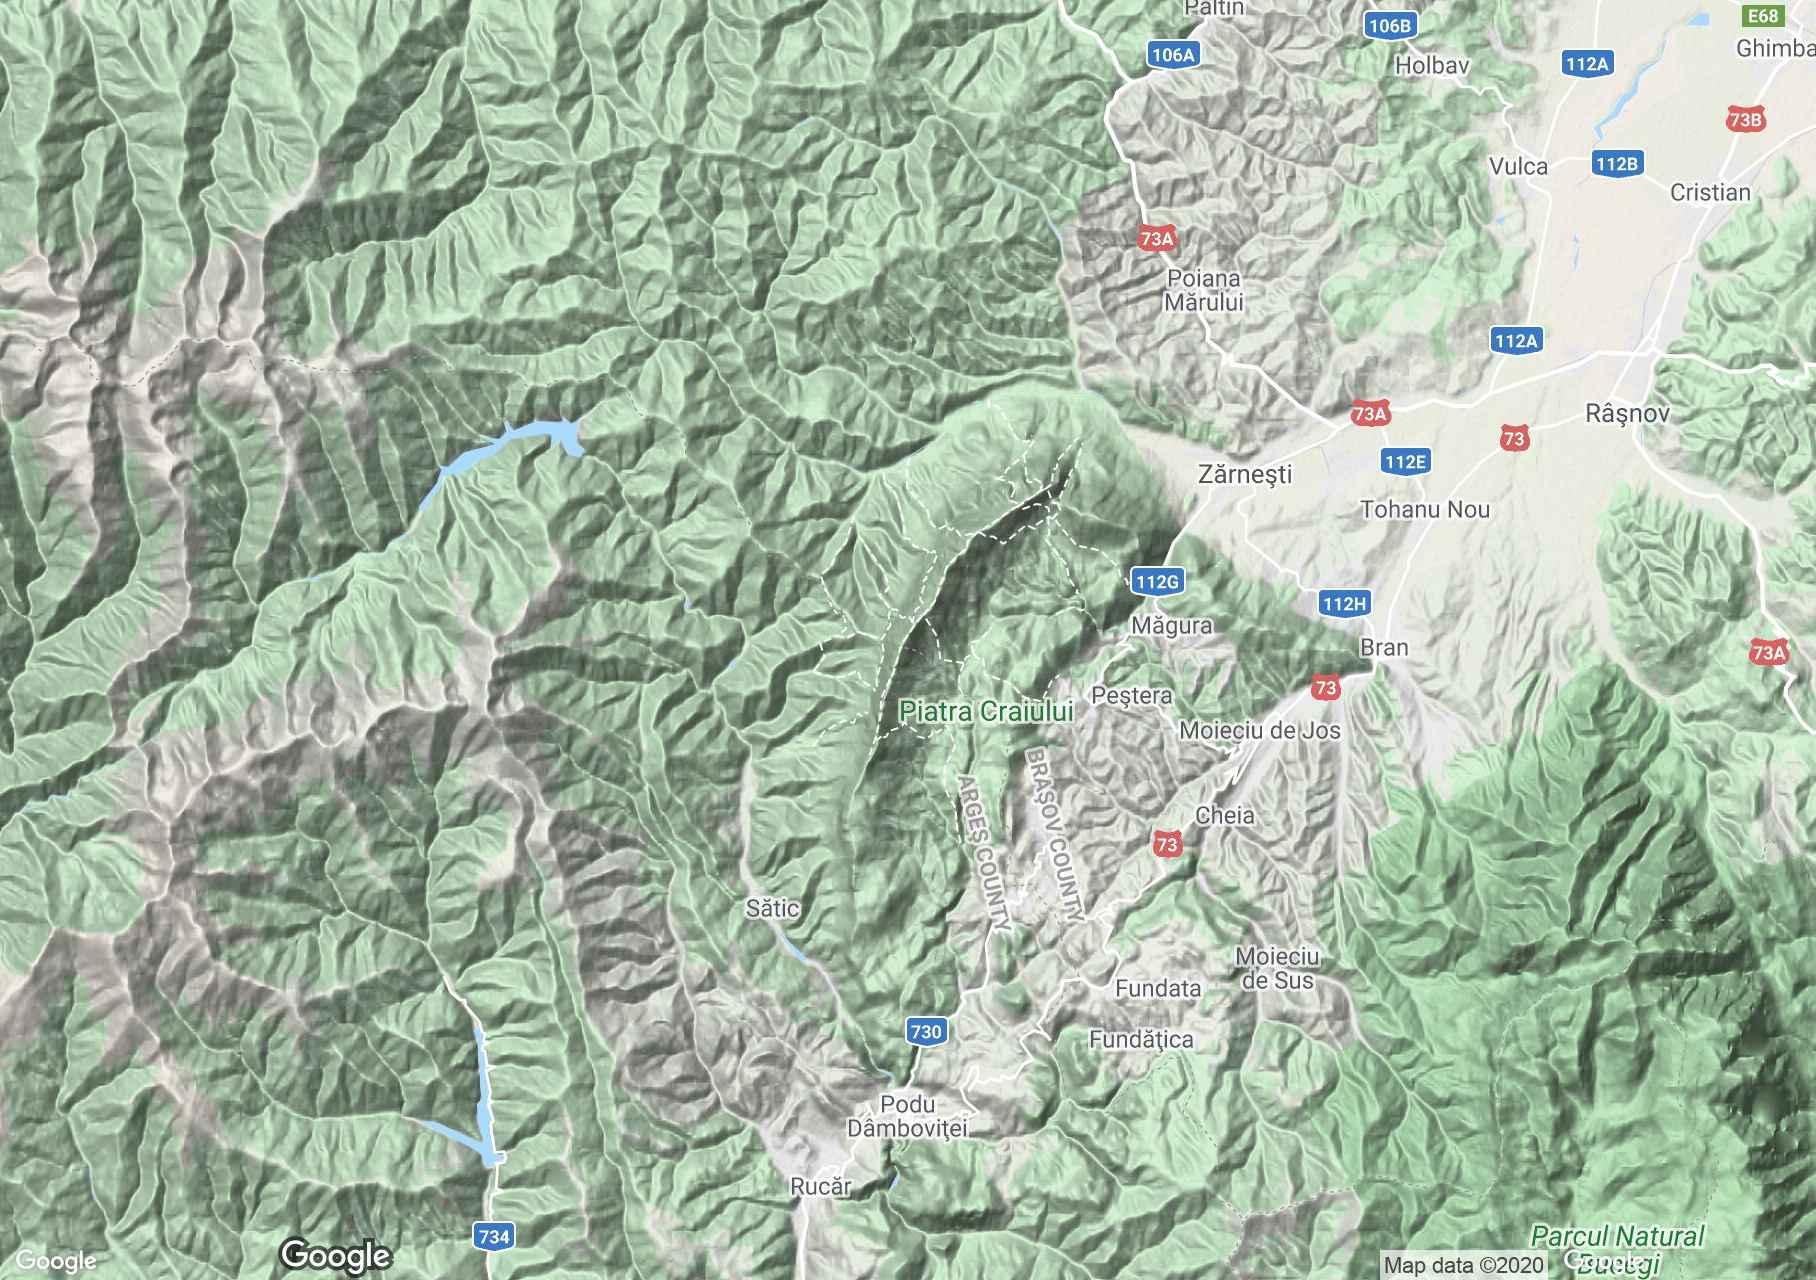 Munţii Piatra Craiului, Harta turistică interactivă